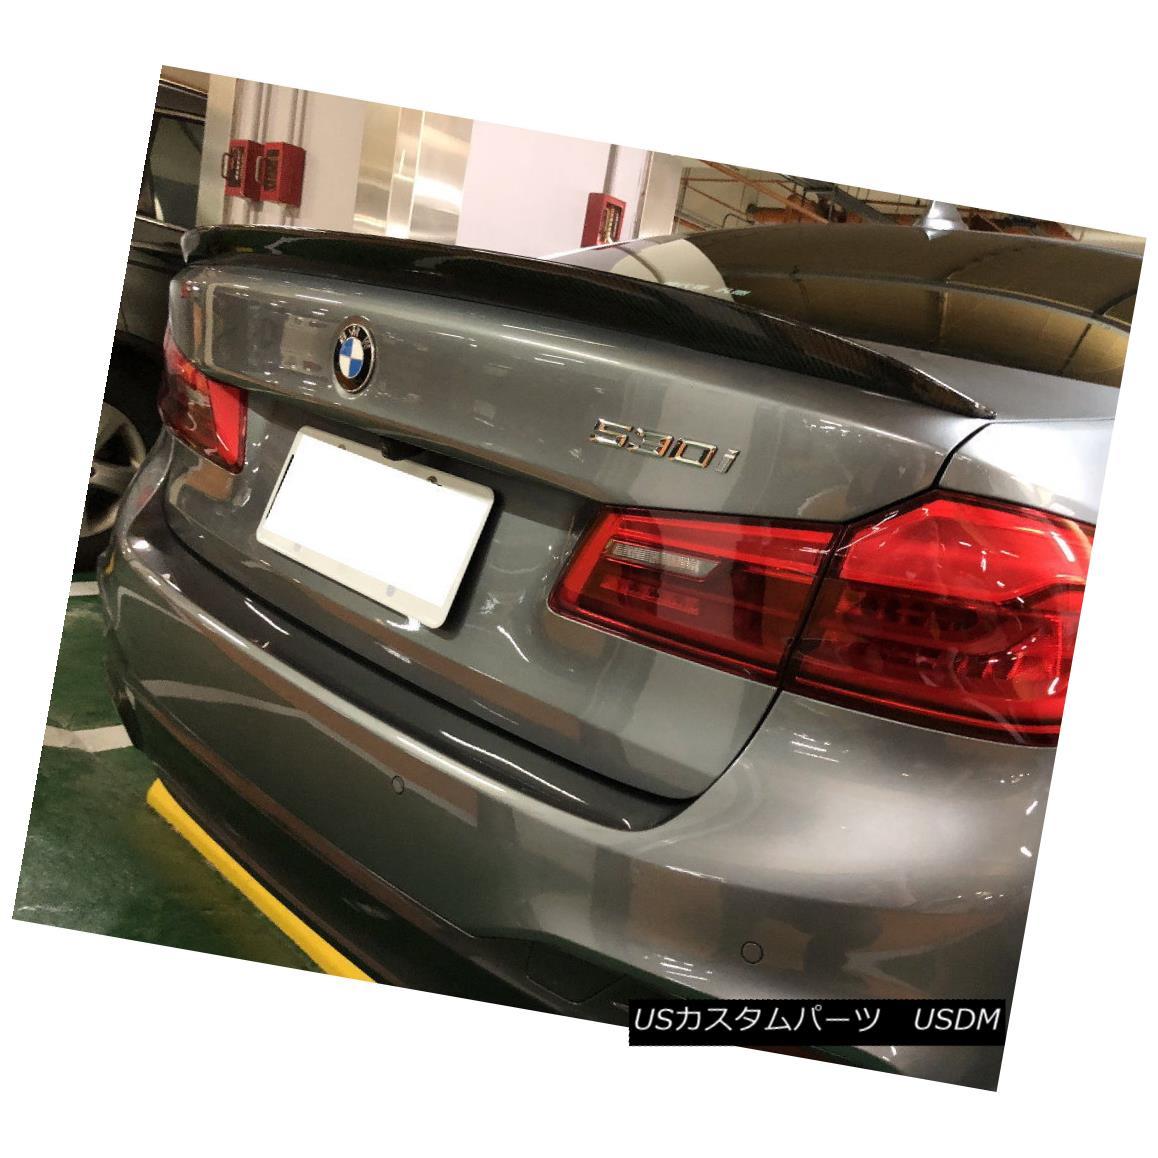 エアロパーツ P Look Carbon Fiber Rear Trunk Spoiler Wing For 2017~18 BMW 5 series G30 Sedan Pルックカーボンファイバーリアトランク・スポイラー・ウイング(2017?18)BMW 5シリーズG30セダン